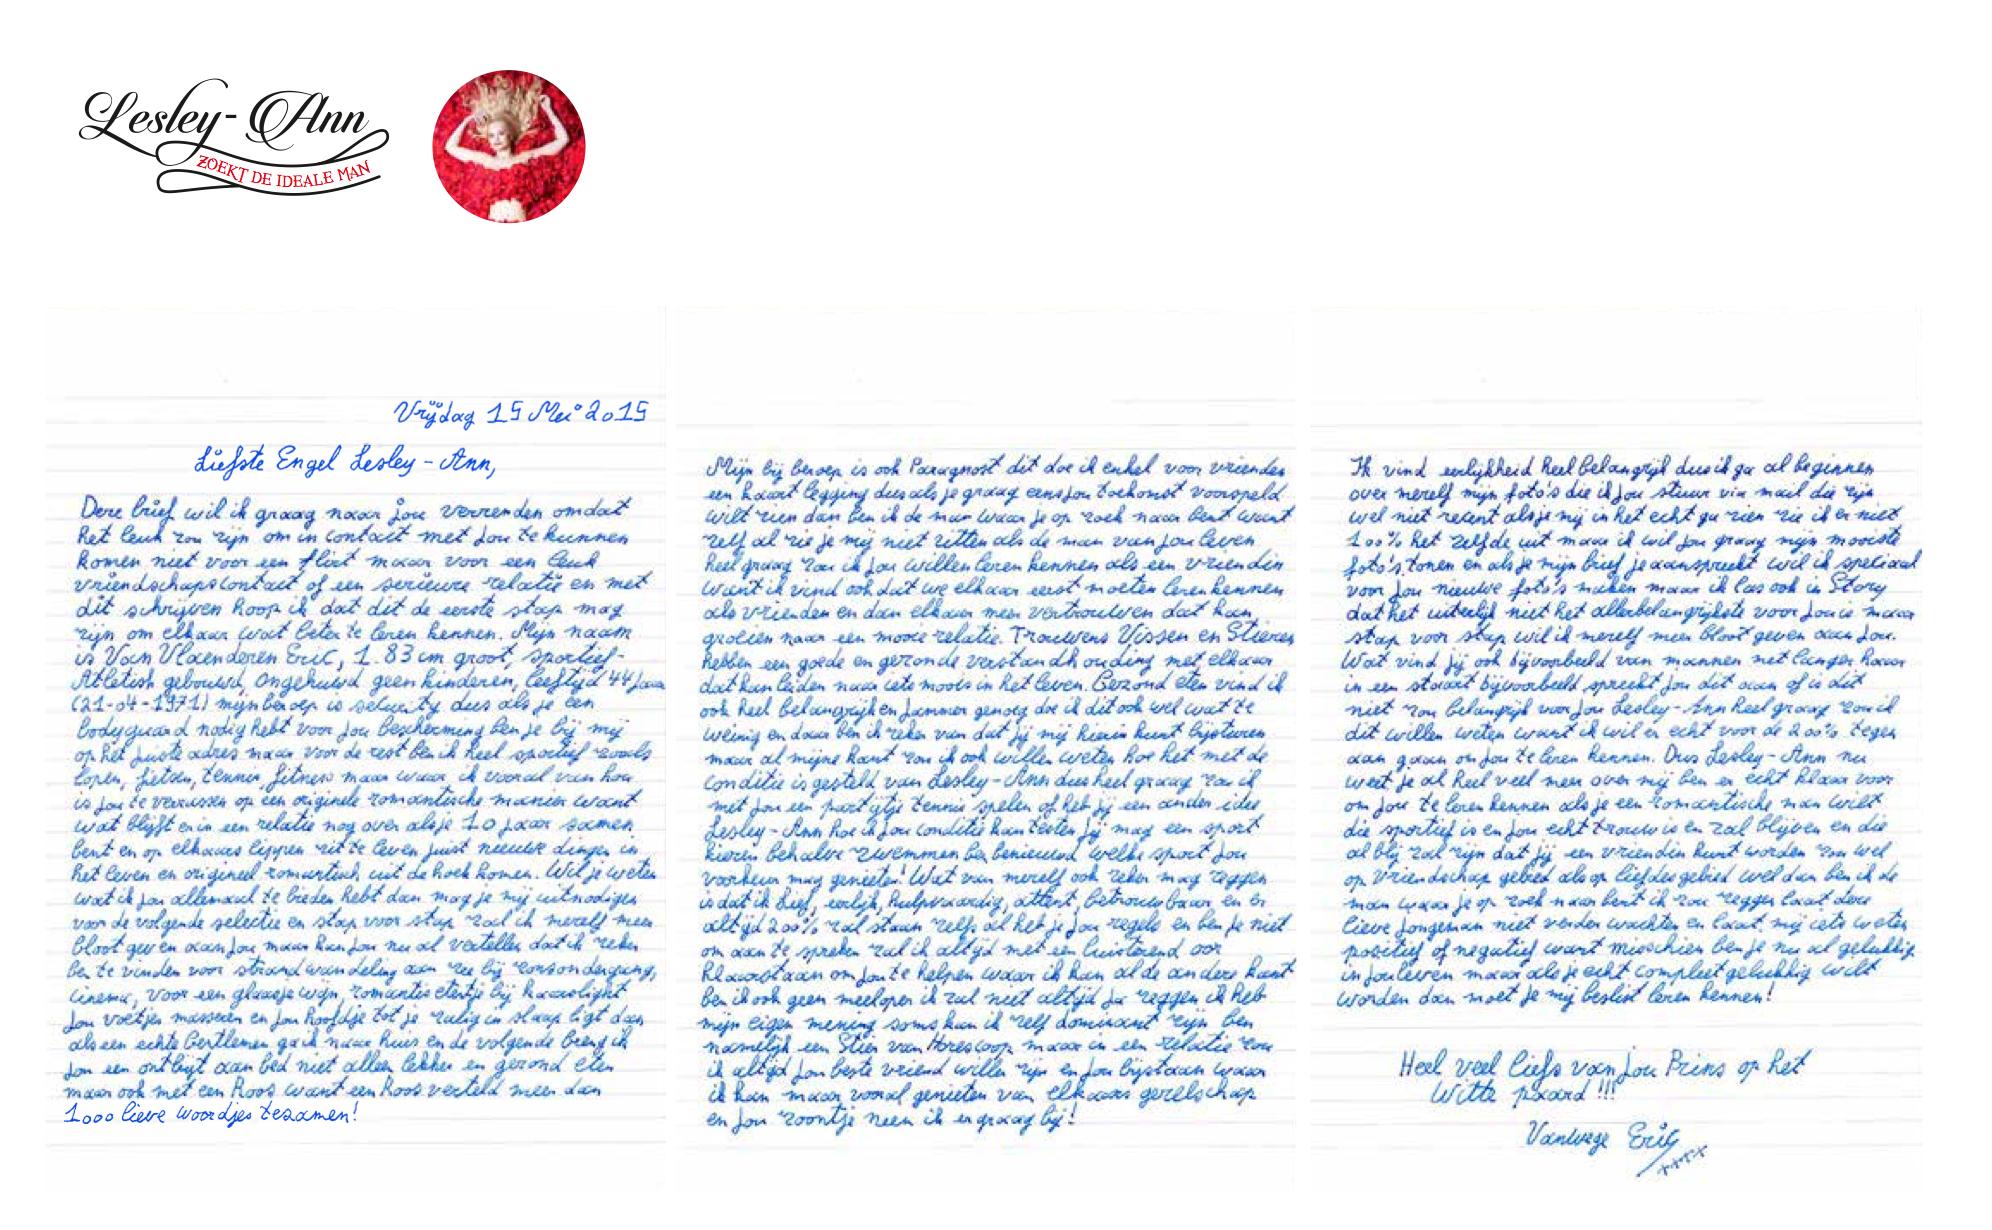 Liefdesbrief voor Lesley-Ann